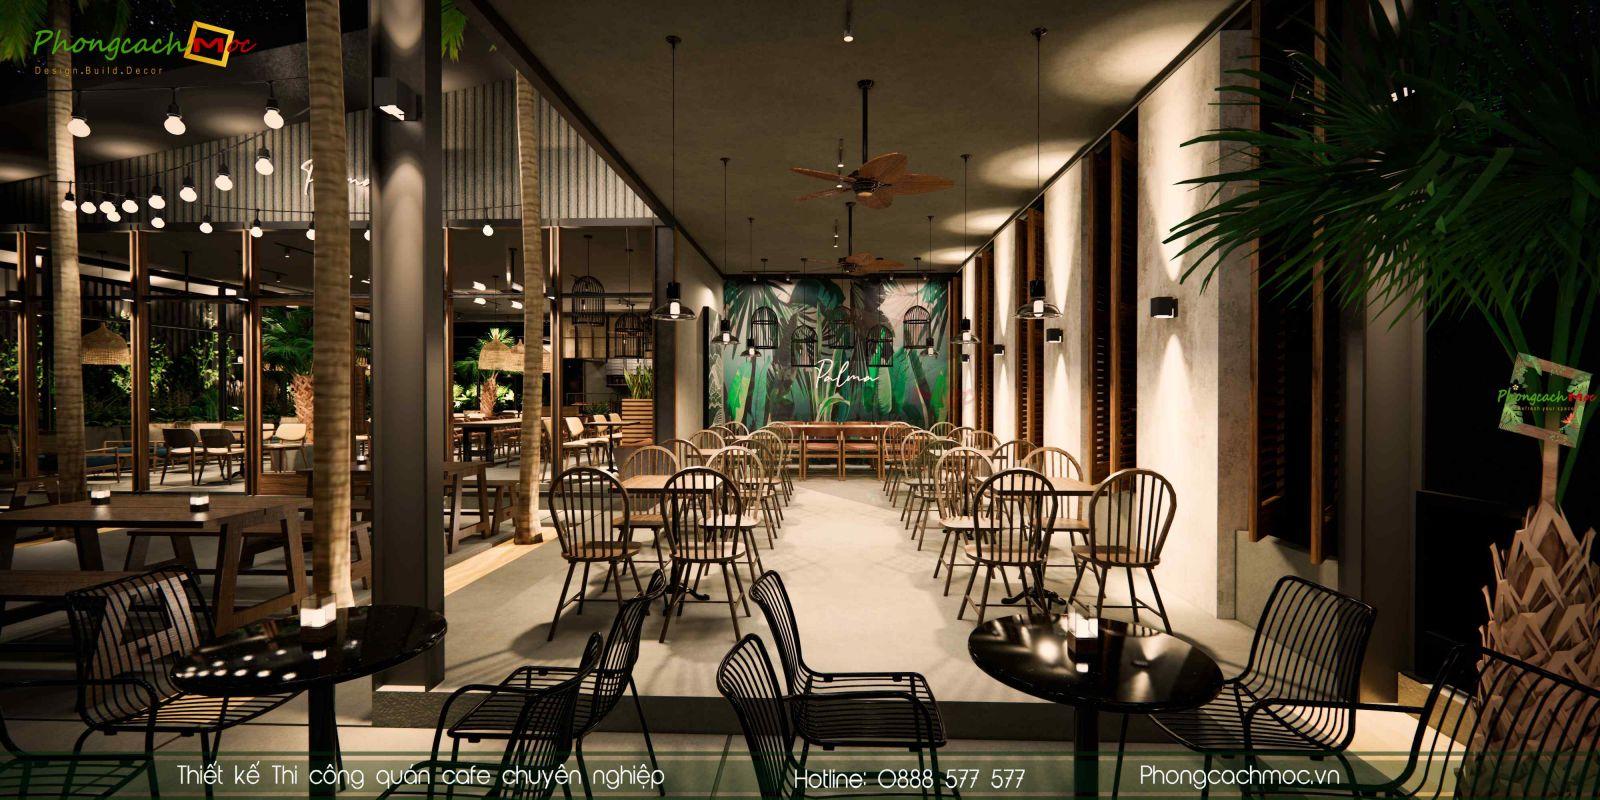 Thiết kế không gian quán cafe hiện đại